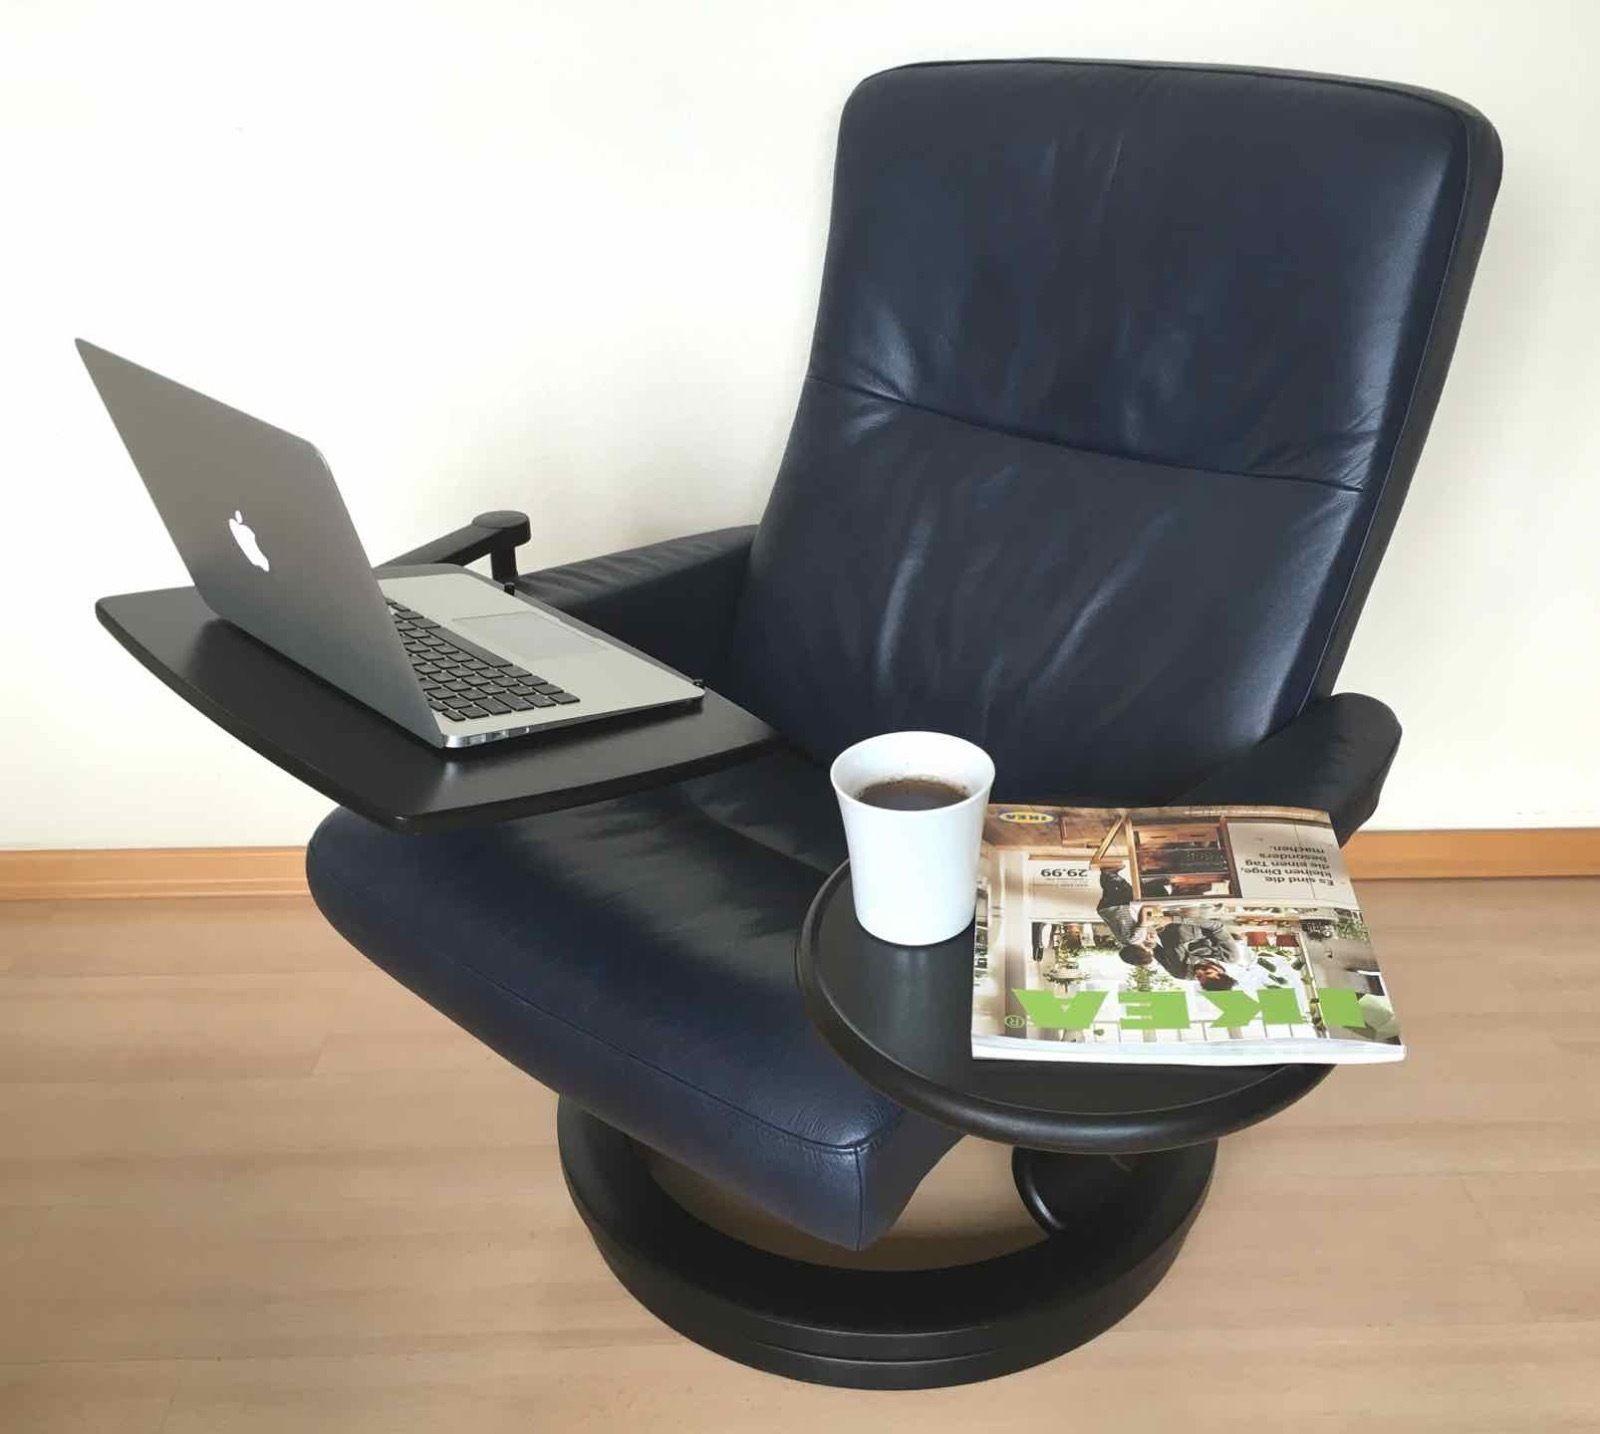 Ekornes Stressless Sessel Saturn(Größe L) mit Hocker+ Erhöhungsring+ 2 Tischen   & Ekornes Stressless Sessel Saturn(Größe L) mit Hocker+ ... islam-shia.org